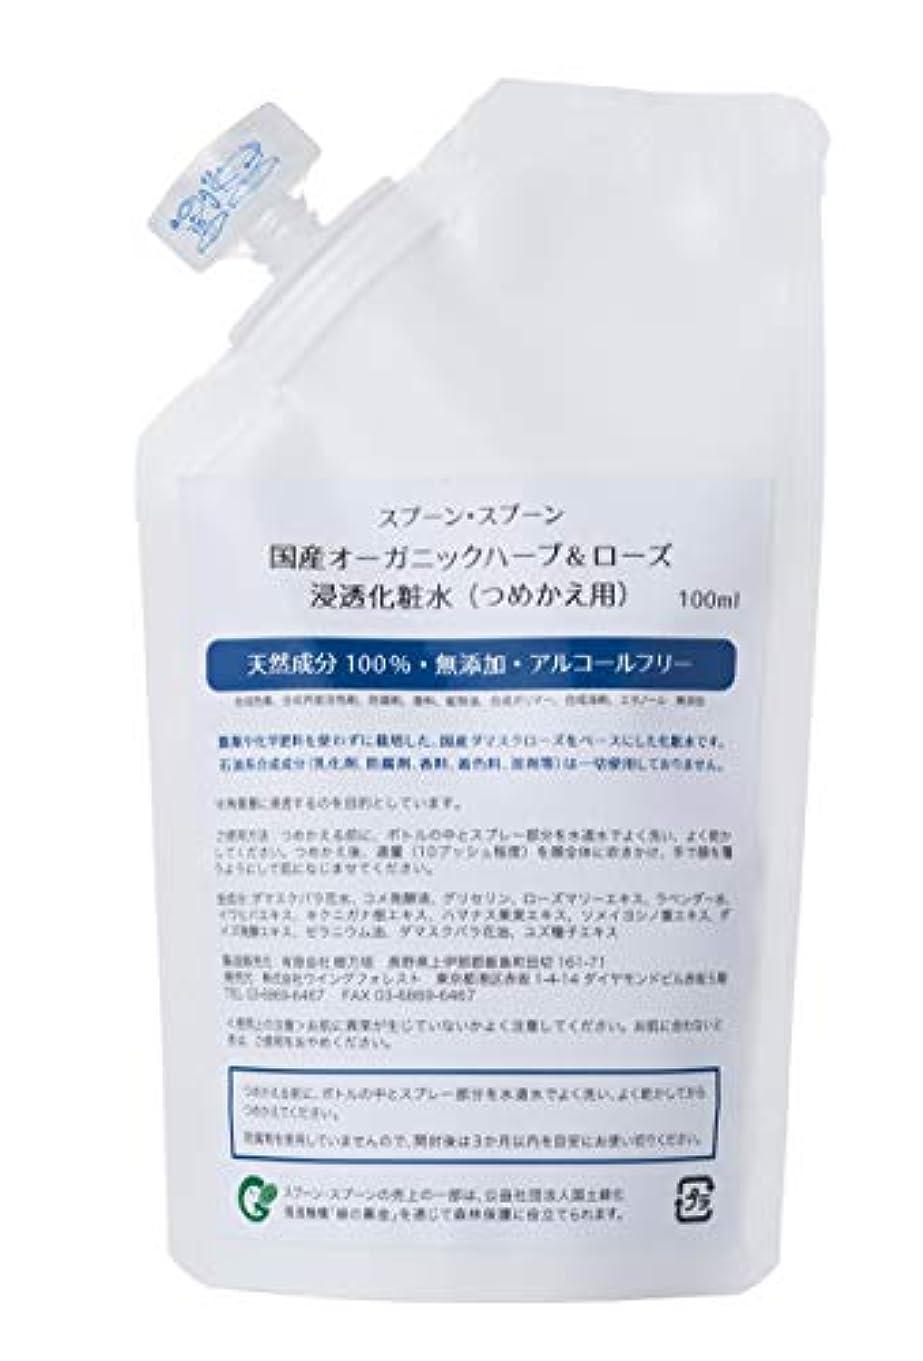 スプーン?スプーン 国産オーガニックハーブ&ローズ 浸透化粧水 100ml 詰替用